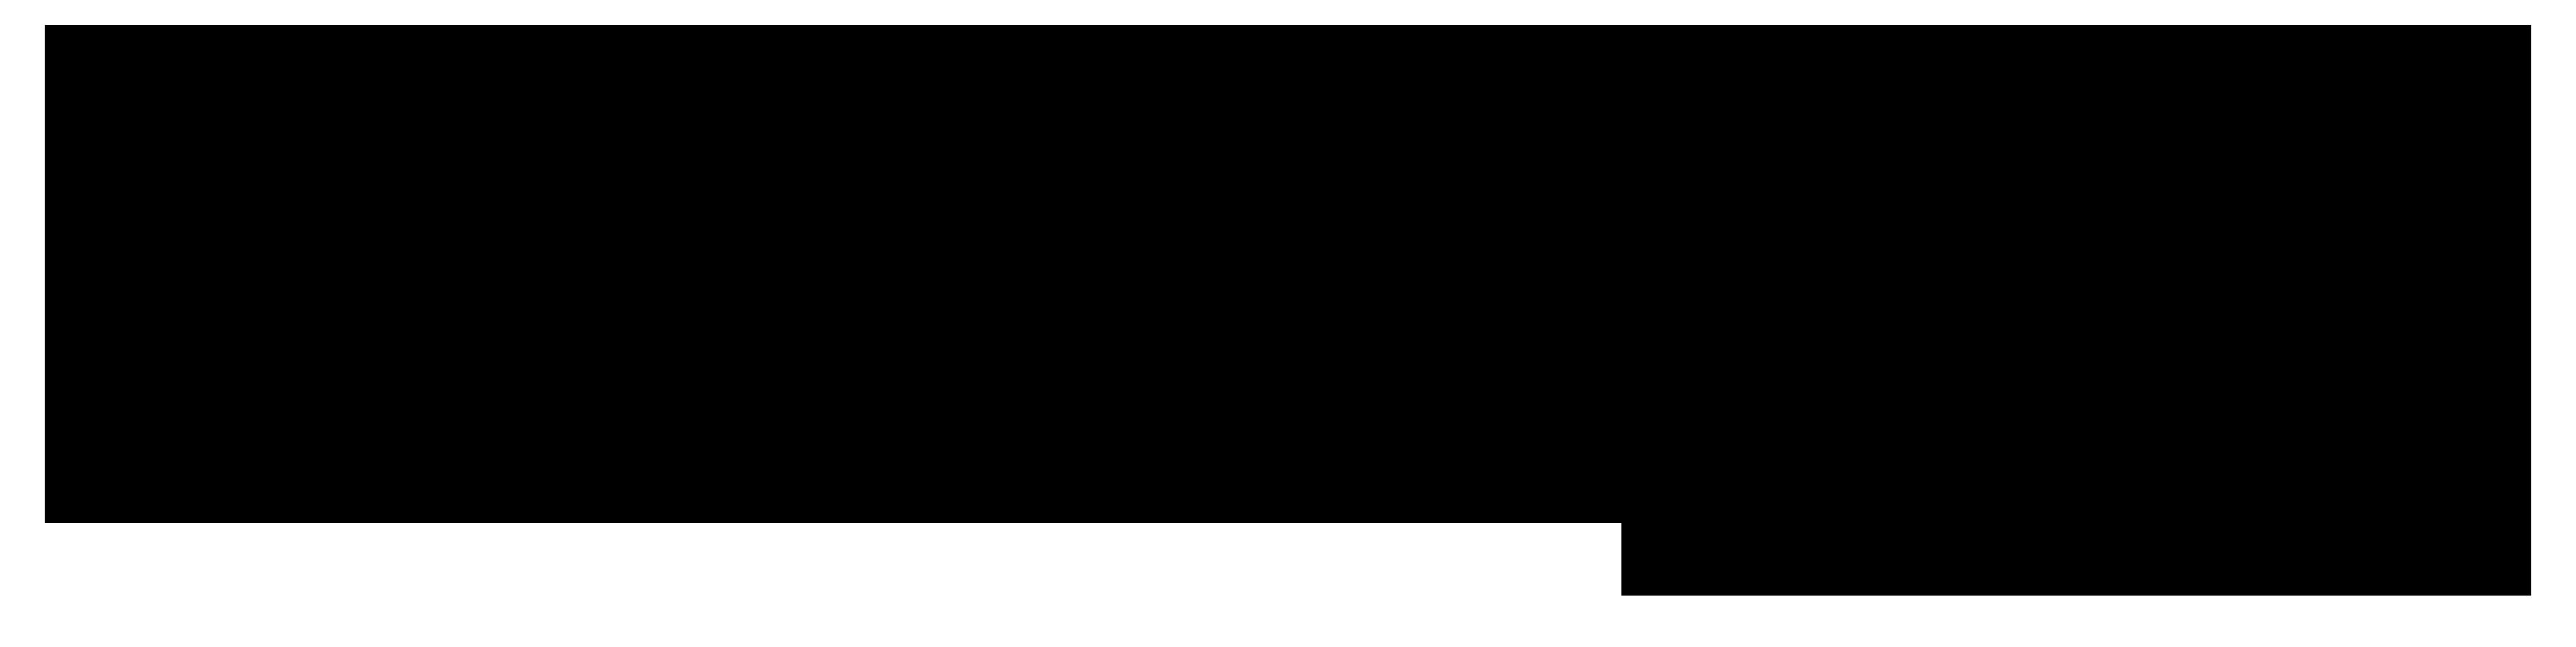 Talents Logo